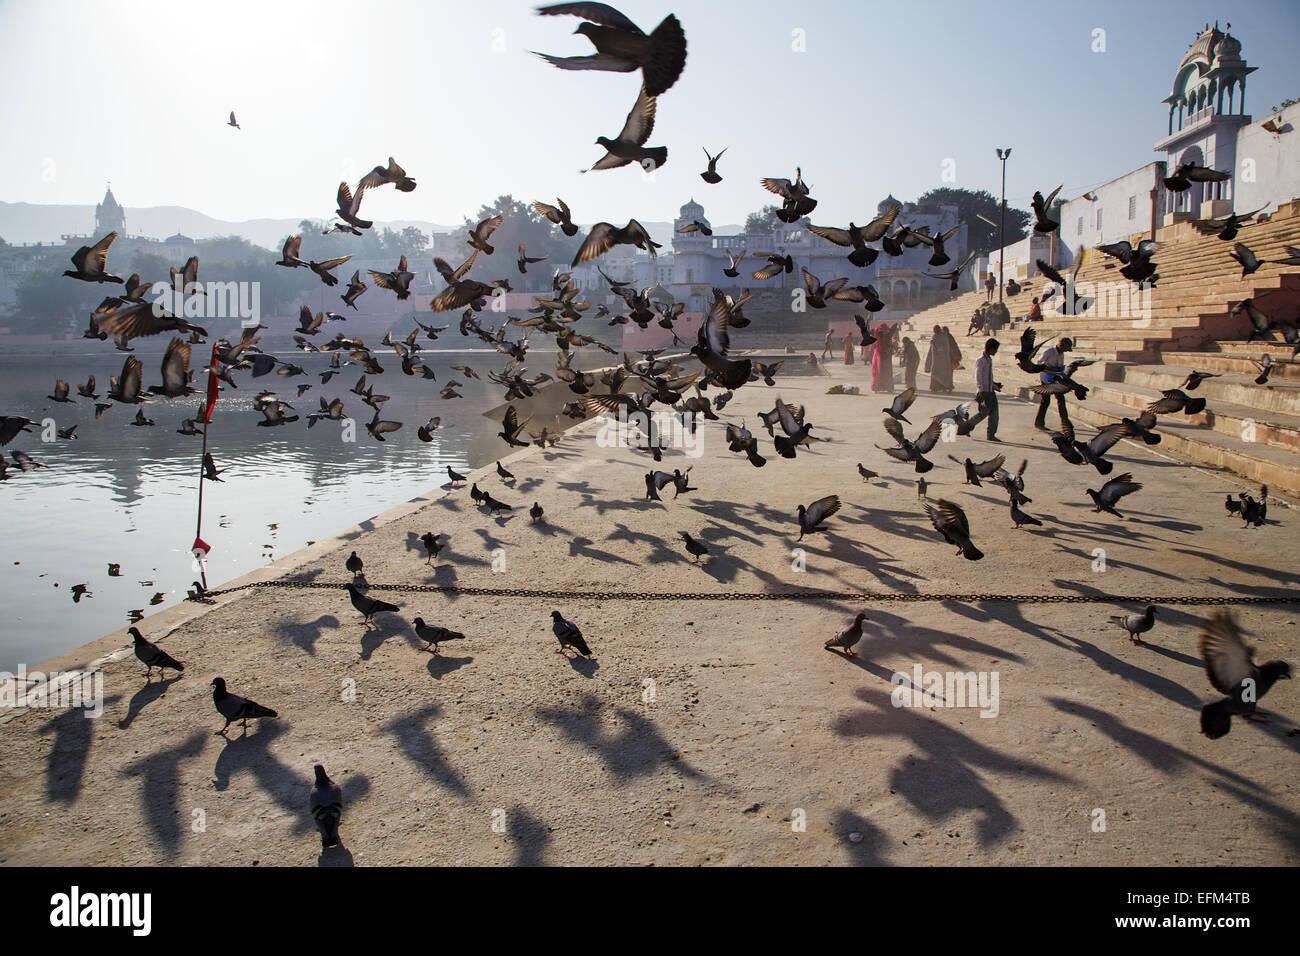 Pigeons flying at Holy Hindu lake in Pushkar, Rajasthan, India - Stock Image